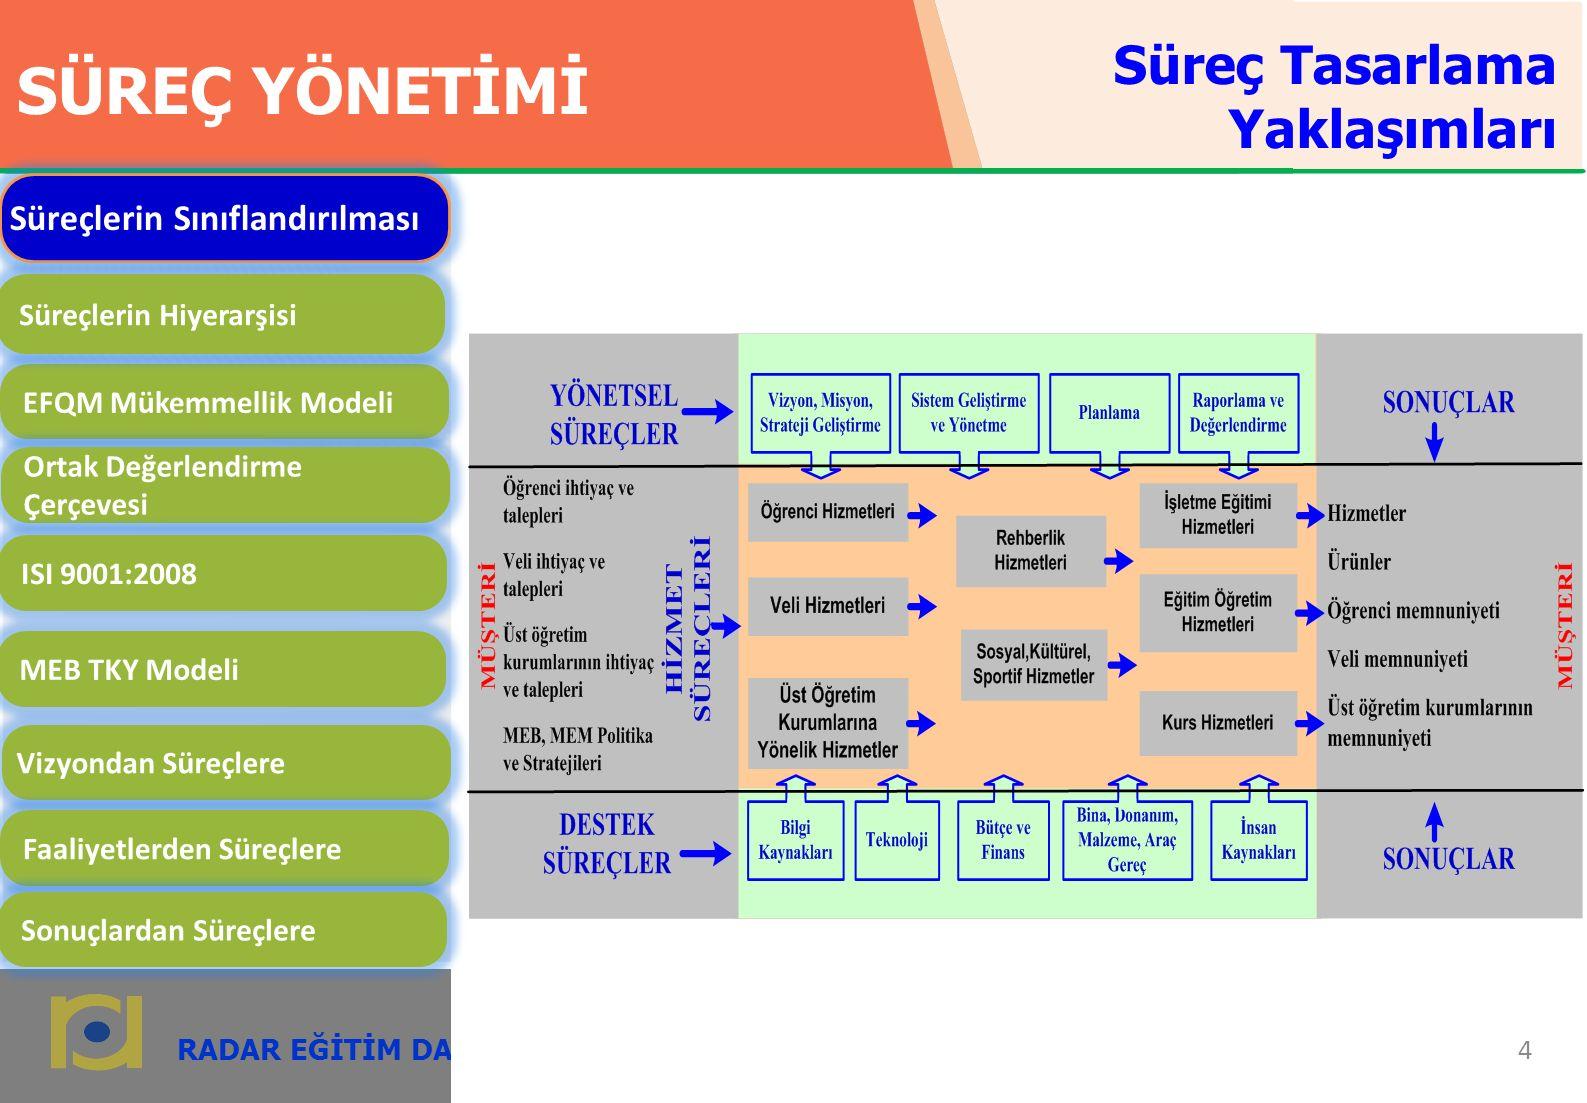 RADAR EĞİTİM DANIŞMANLIK 5 radardanismanlik.com.tr SÜREÇ YÖNETİMİ EFQM Mükemmellik Modeli Ortak Değerlendirme Çerçevesi ISI 9001:2008 MEB TKY Modeli Vizyondan Süreçlere Faaliyetlerden Süreçlere Sonuçlardan Süreçlere Süreçlerin Sınıflandırılması Süreçlerin Hiyerarşisi Hiyerarşi, sürecin kapsamı ve dikey ilişkisi bakımından seviyelere bölünmesidir.